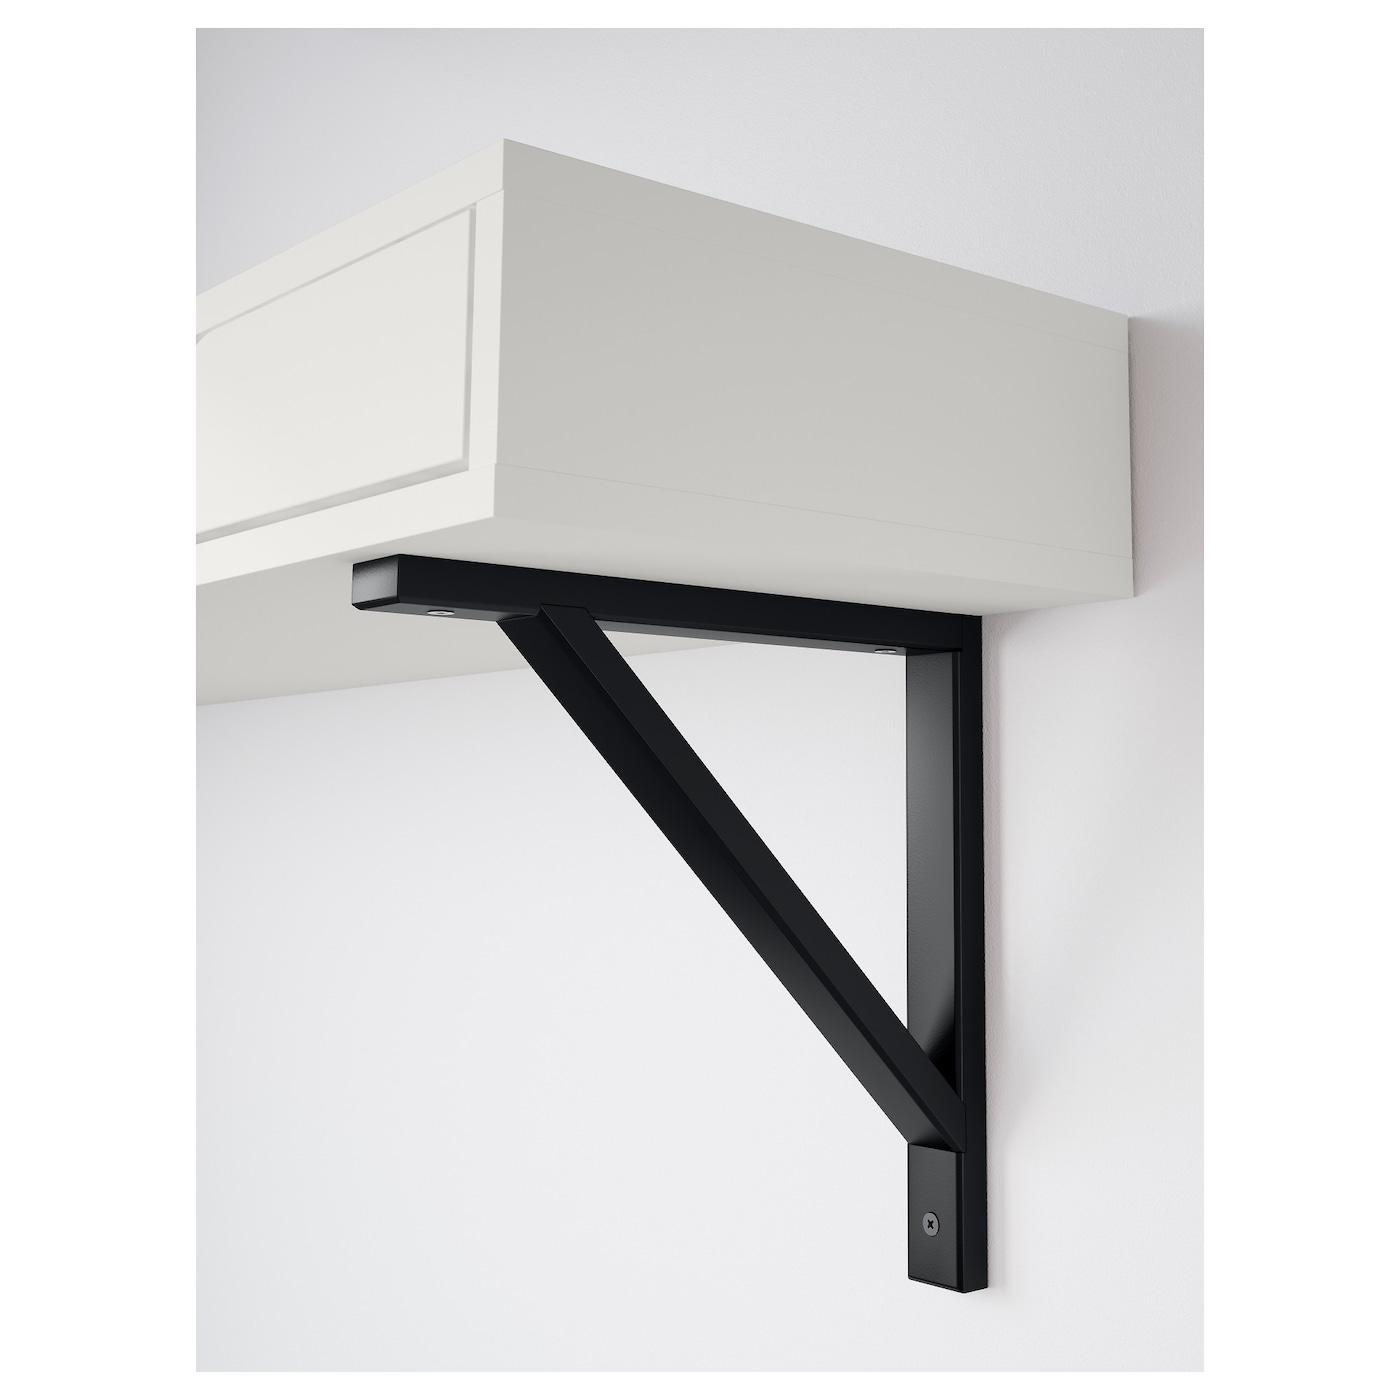 Ekby valter ekby alex estante con caj n blanco negro 119 x 31 cm ikea - Estante con cajon ...